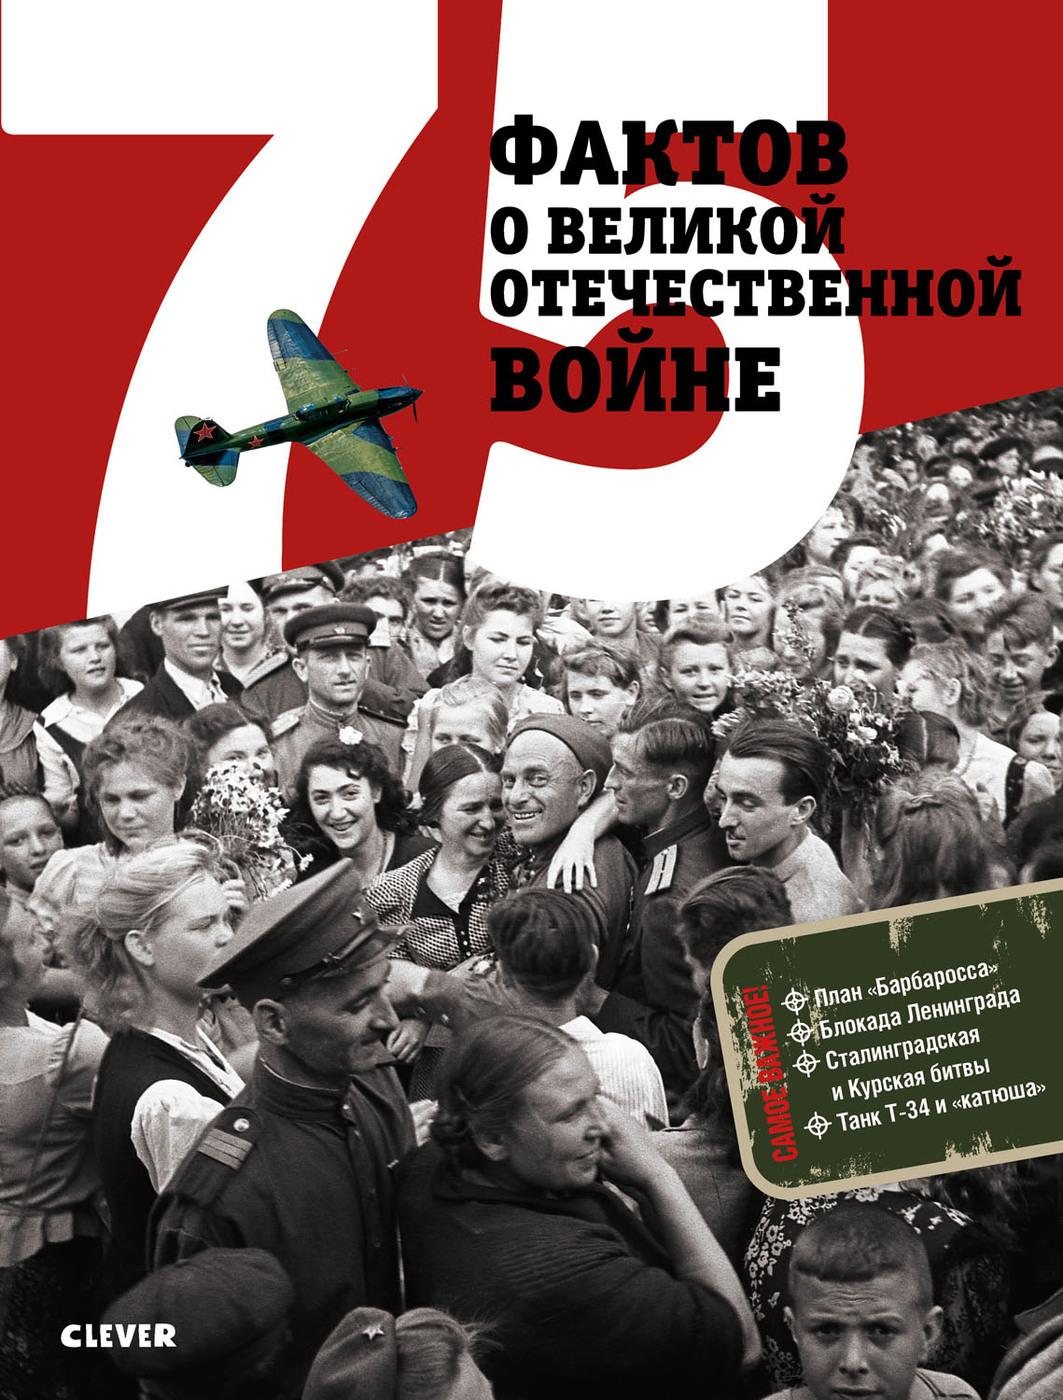 Istorija Pobedy. 75 faktov o Velikoj Otechestvennoj vojne